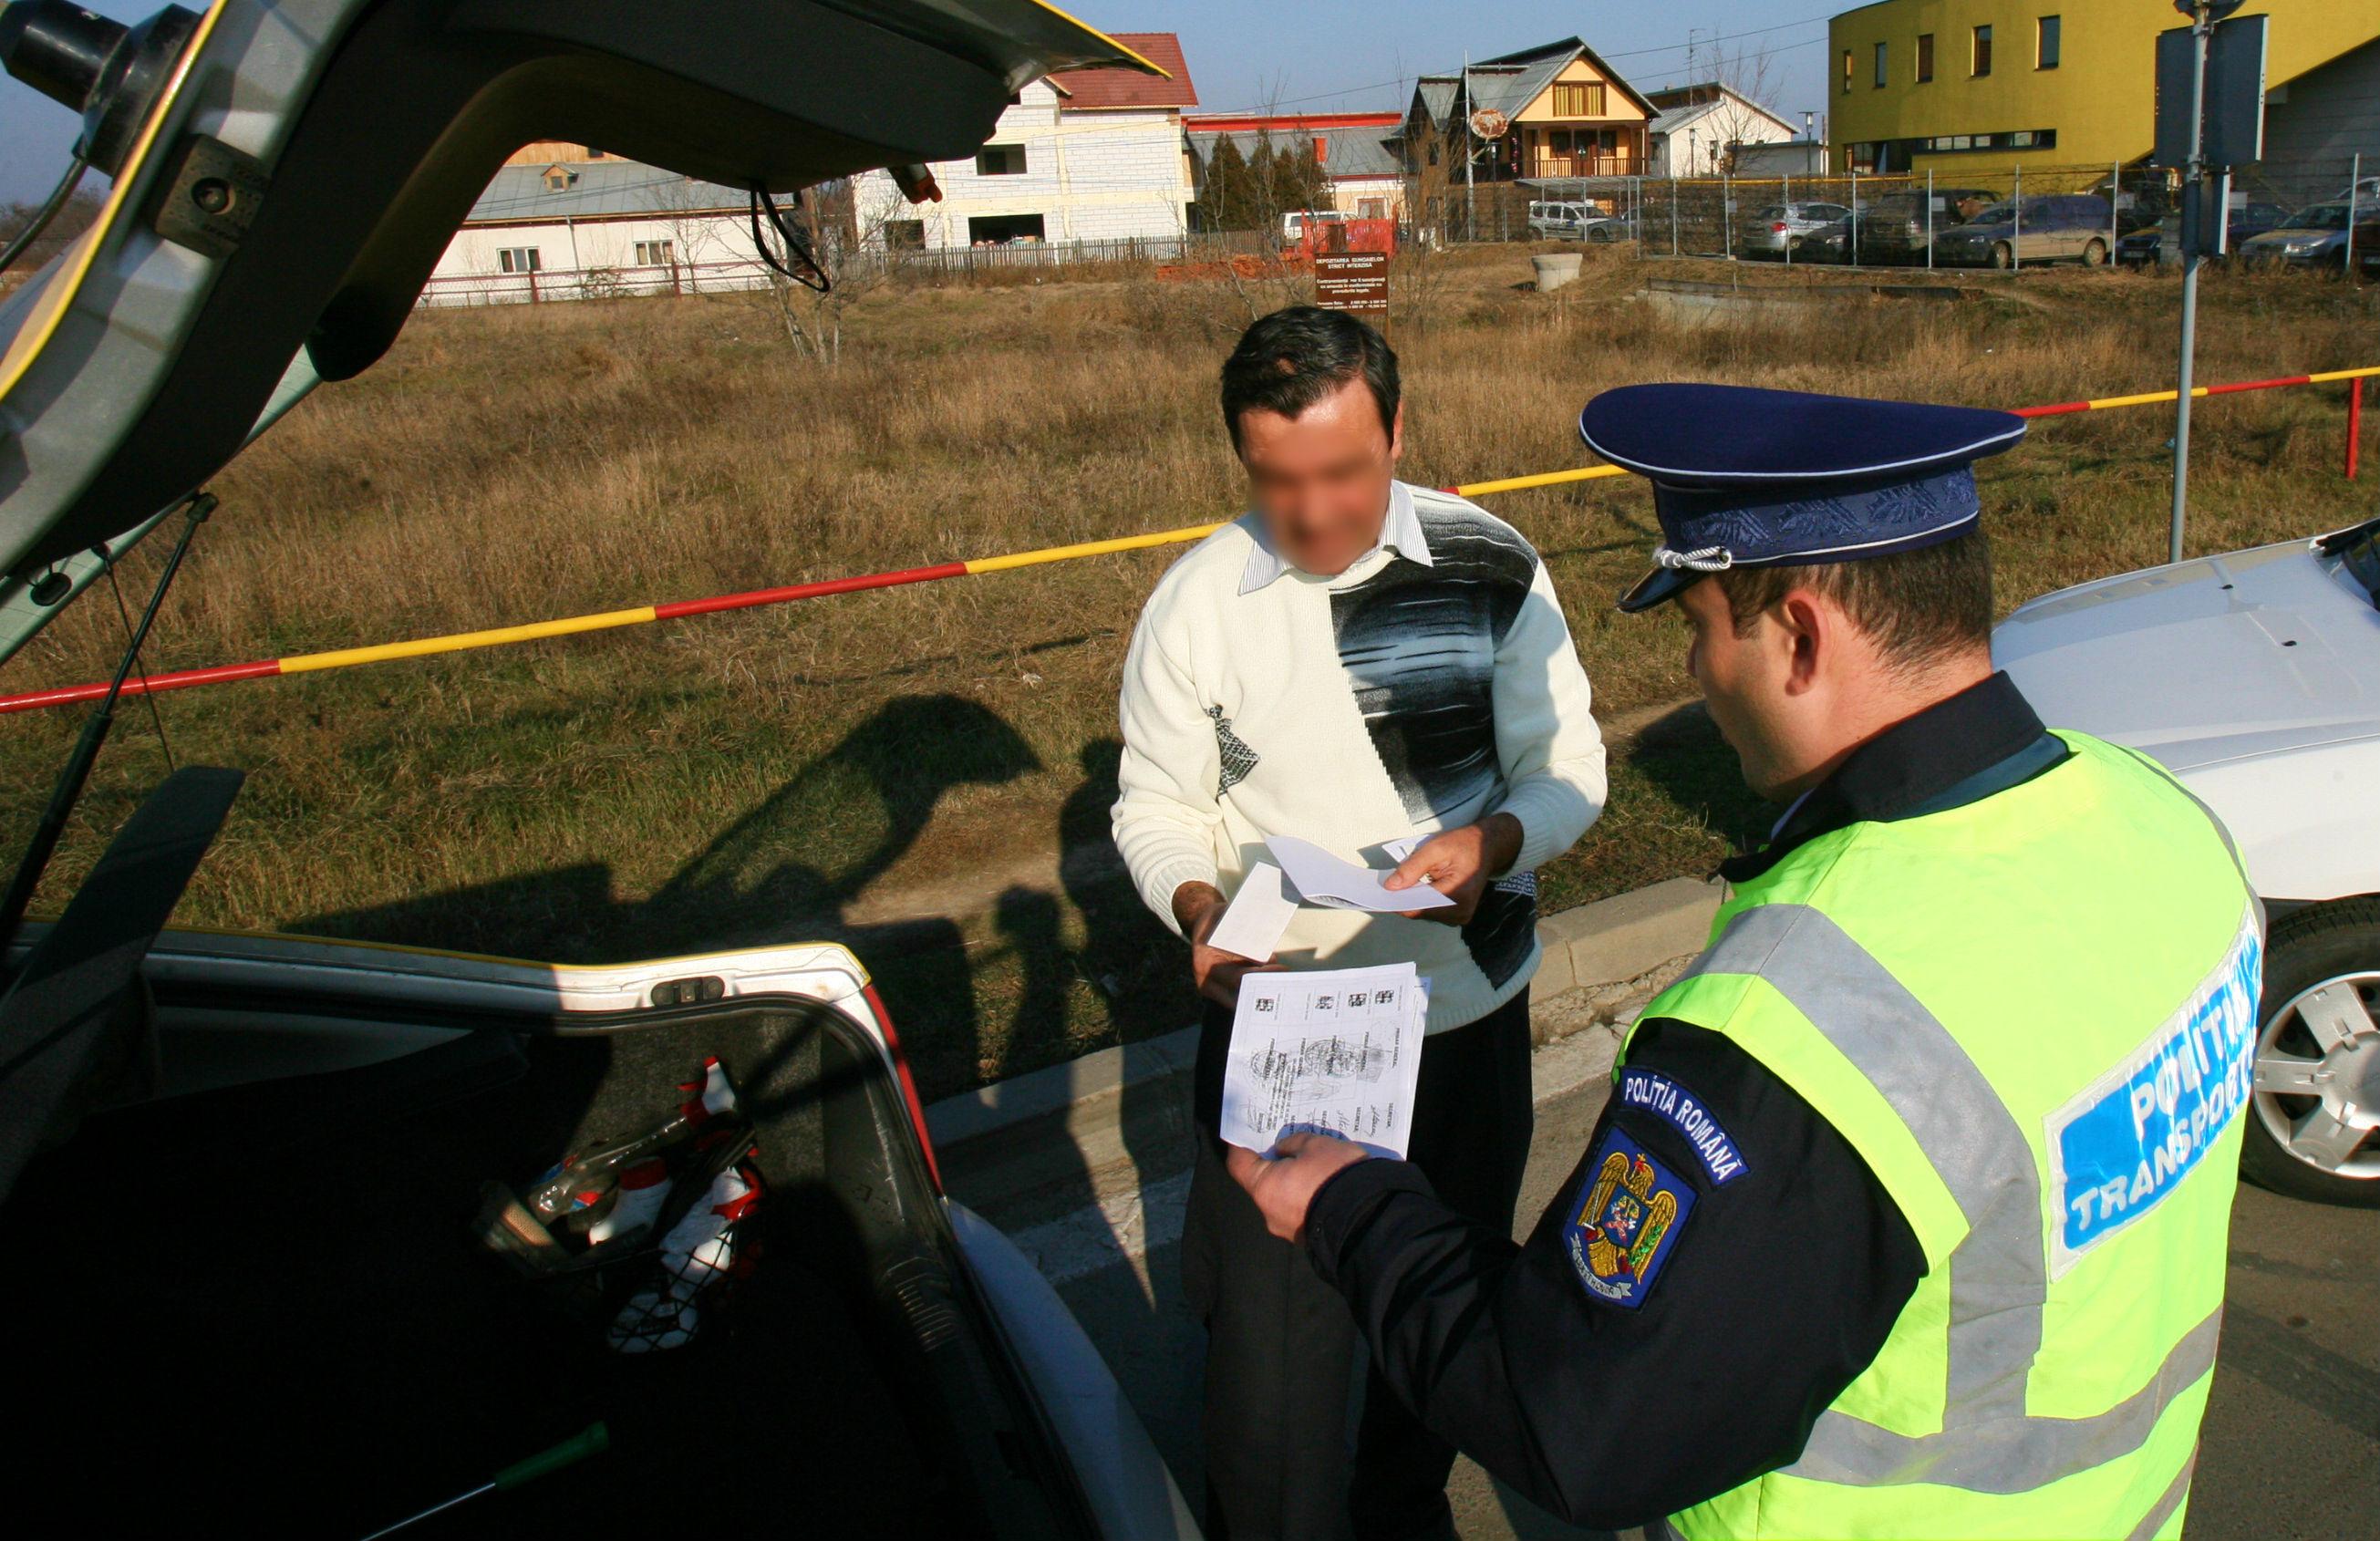 Cod rutier 2019. 5 greșeli banale pentru care șoferii riscă să rămână fără permis. Ce trebuie să afle neapărat conducătorii auto